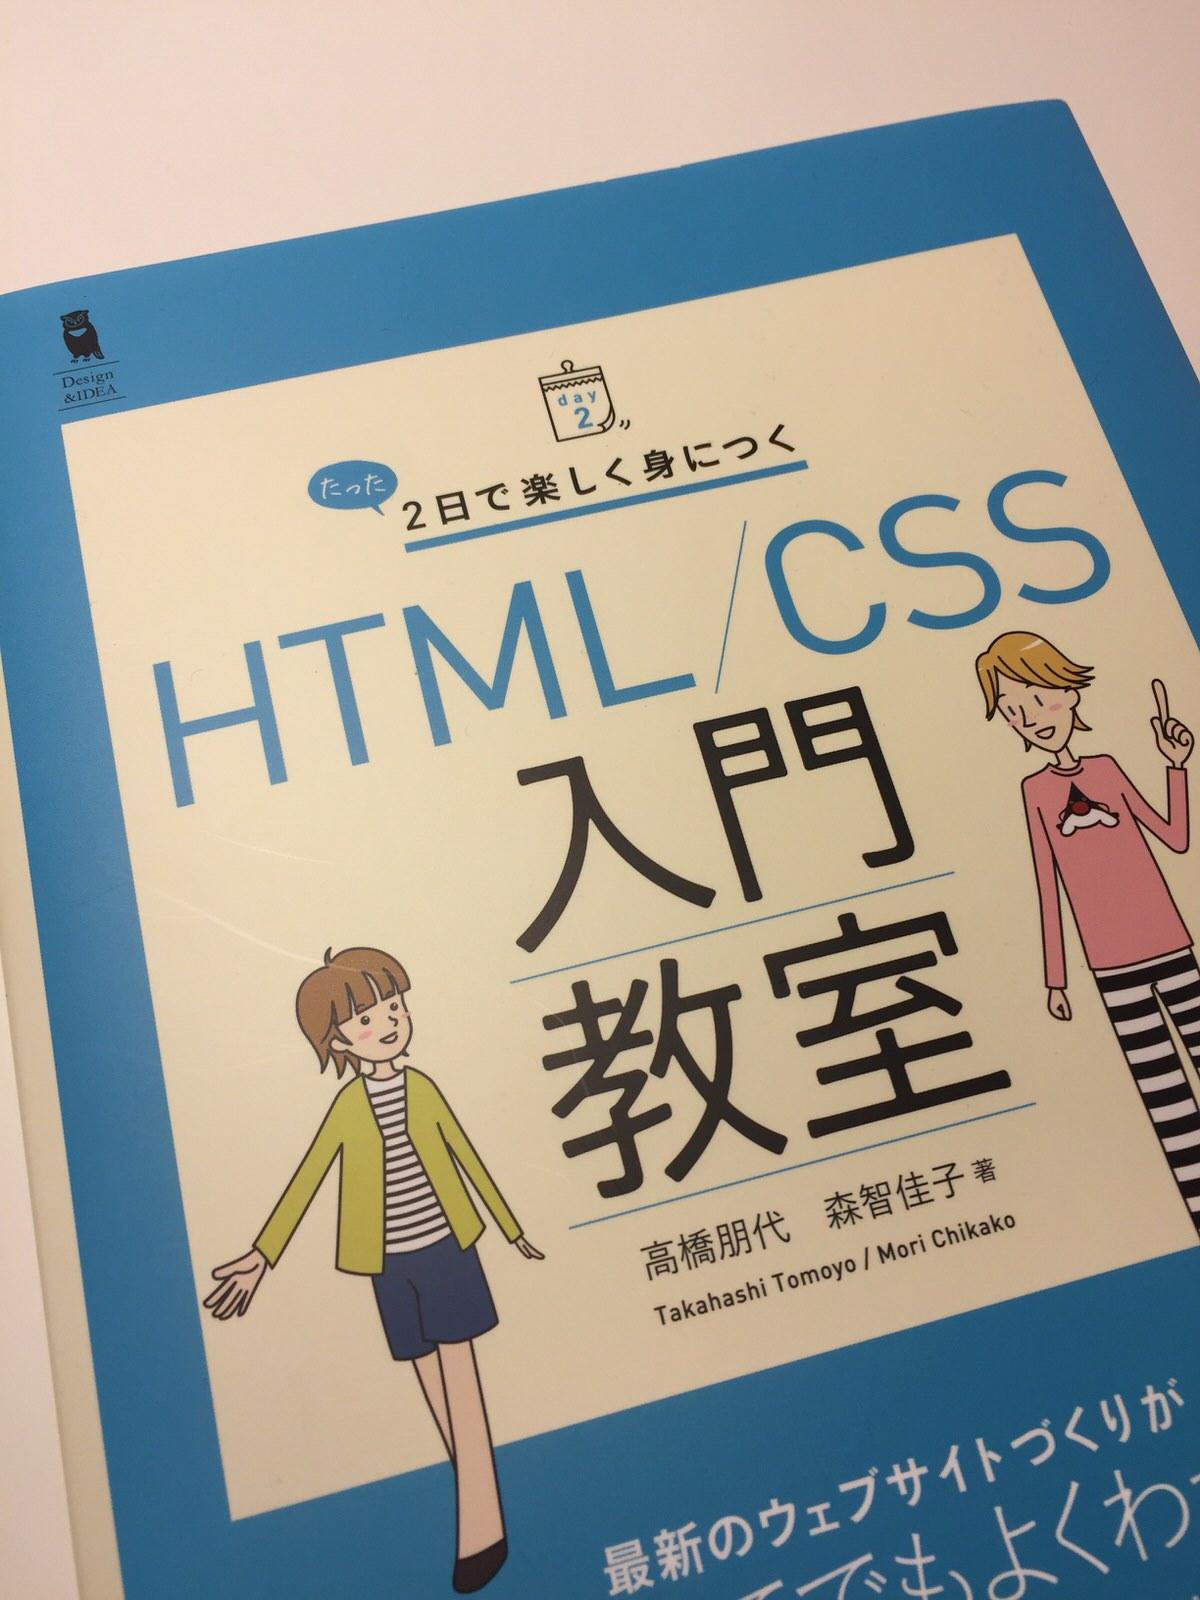 『たった2日で楽しく身につく HTML/CSS入門教室』(高橋朋代さん・森智佳子さん:著)女性の感性にマッチしたプログラミングの入門書【書評】